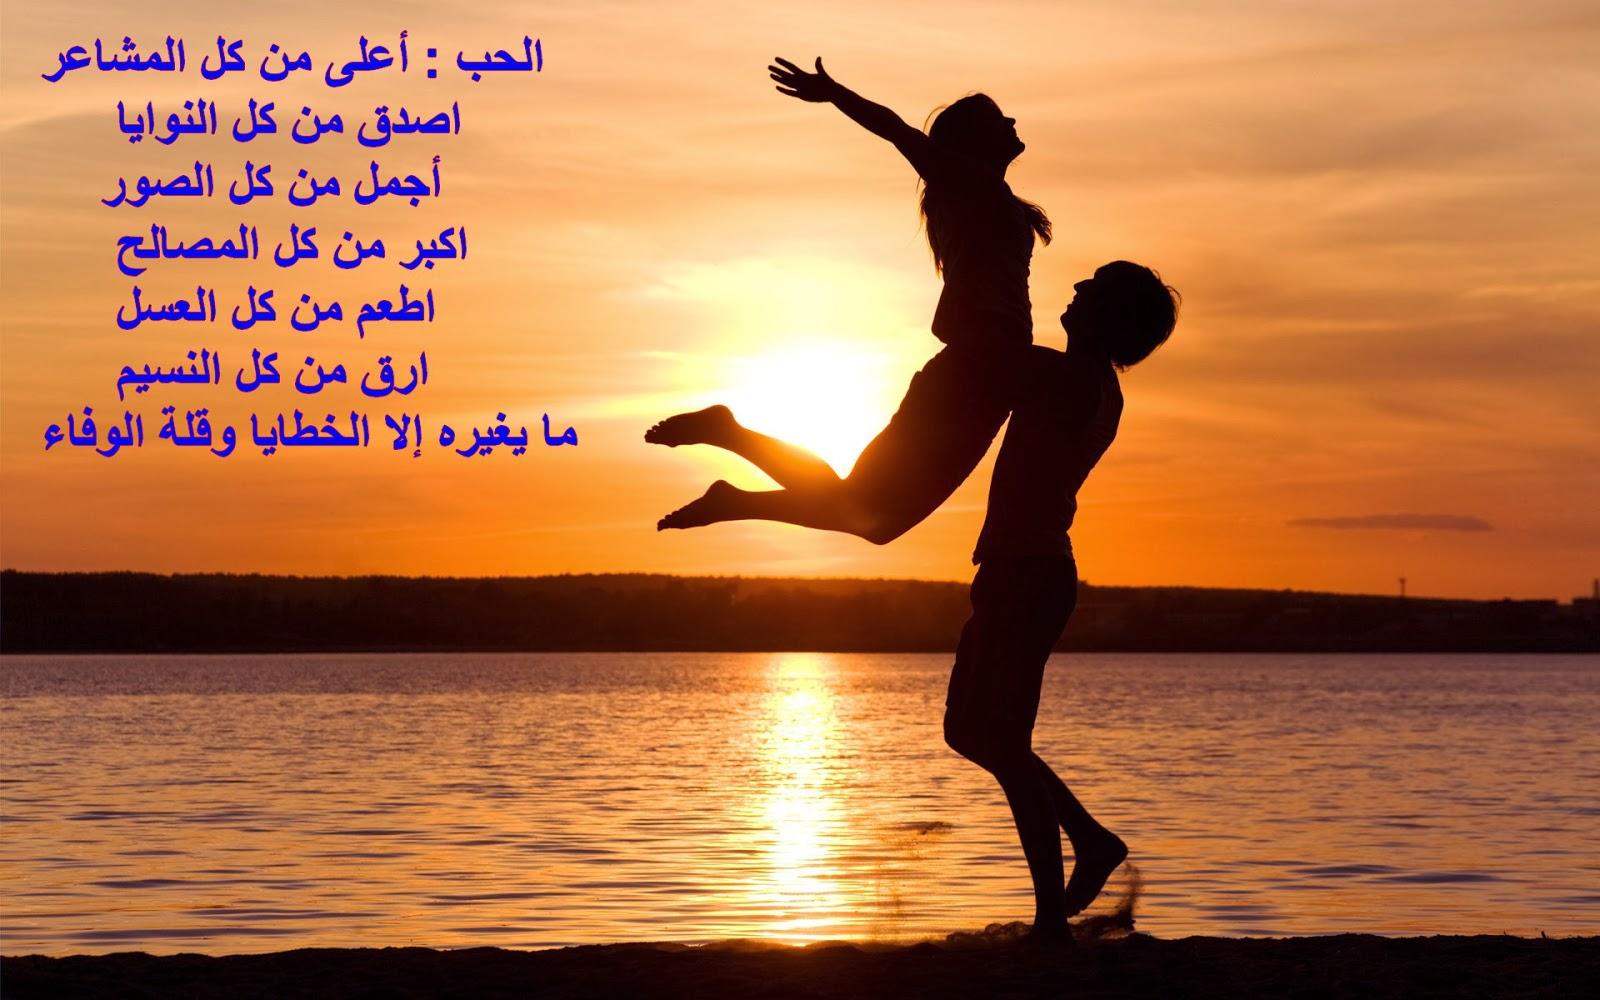 صورة كلمات في الحب , بالصور احلى كلمات فى الحب